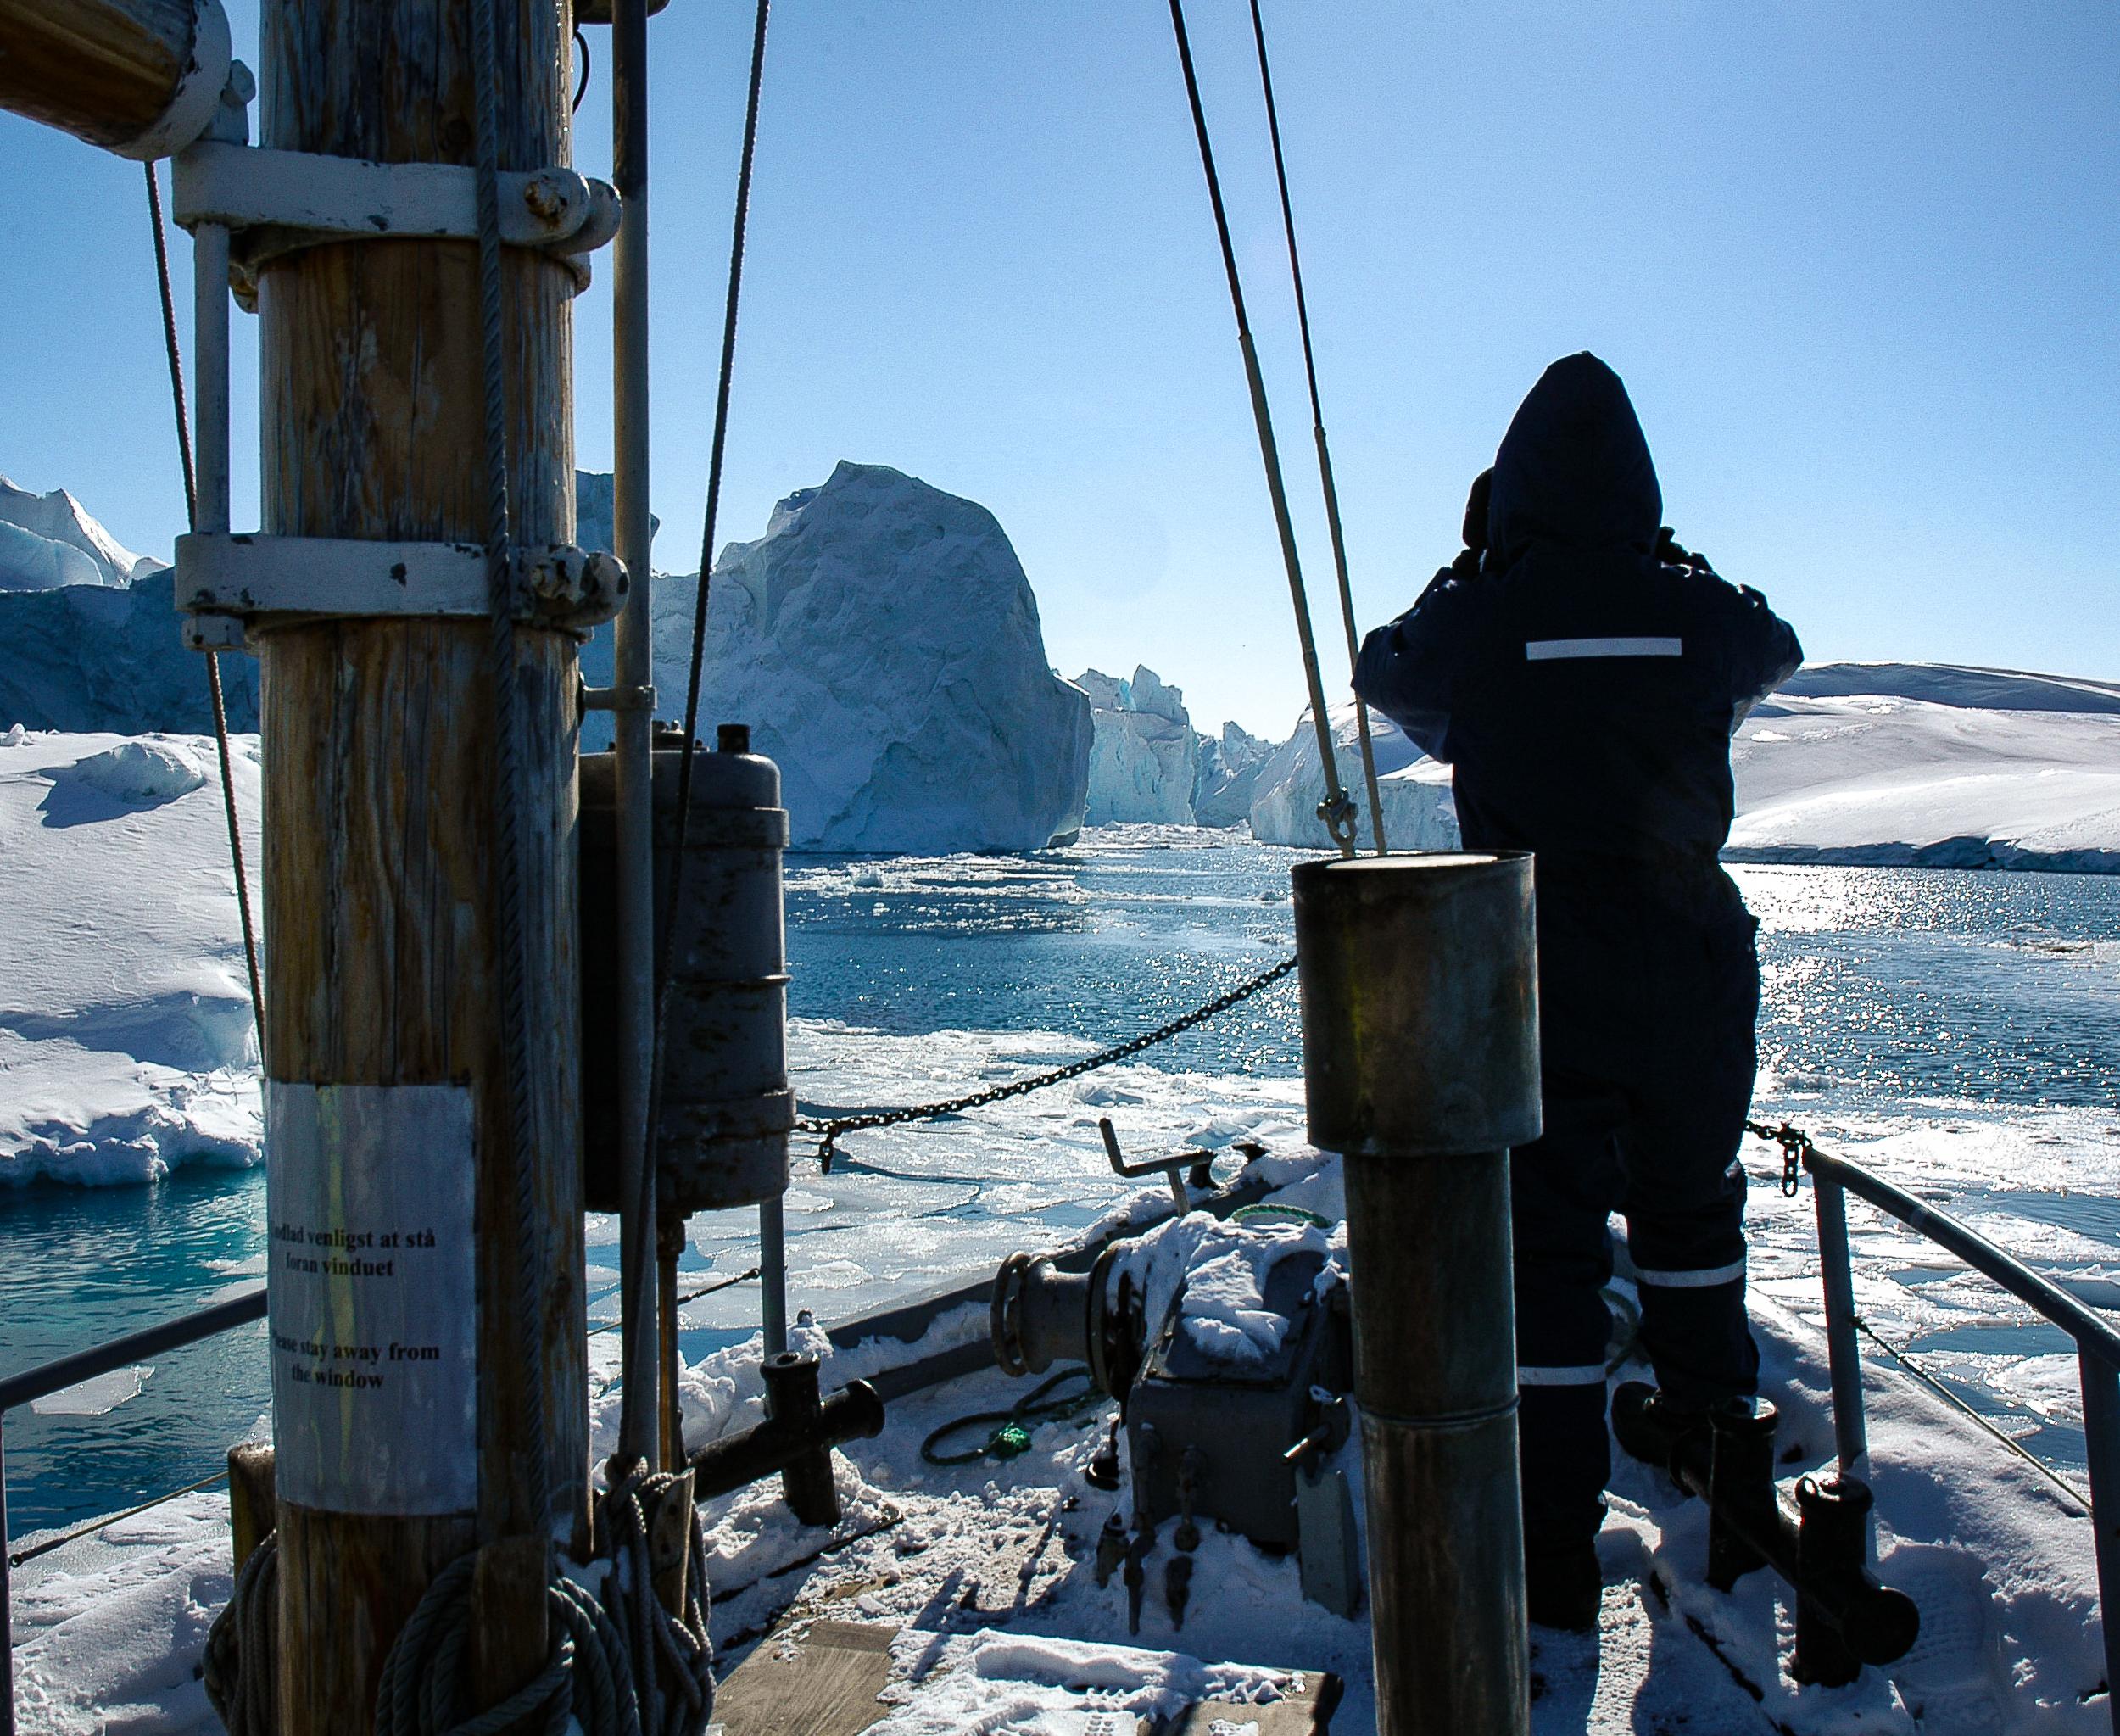 Icebergs Ilulissat Arctic Travel JONAA ©Kristjan Fridriksson-1511.jpg